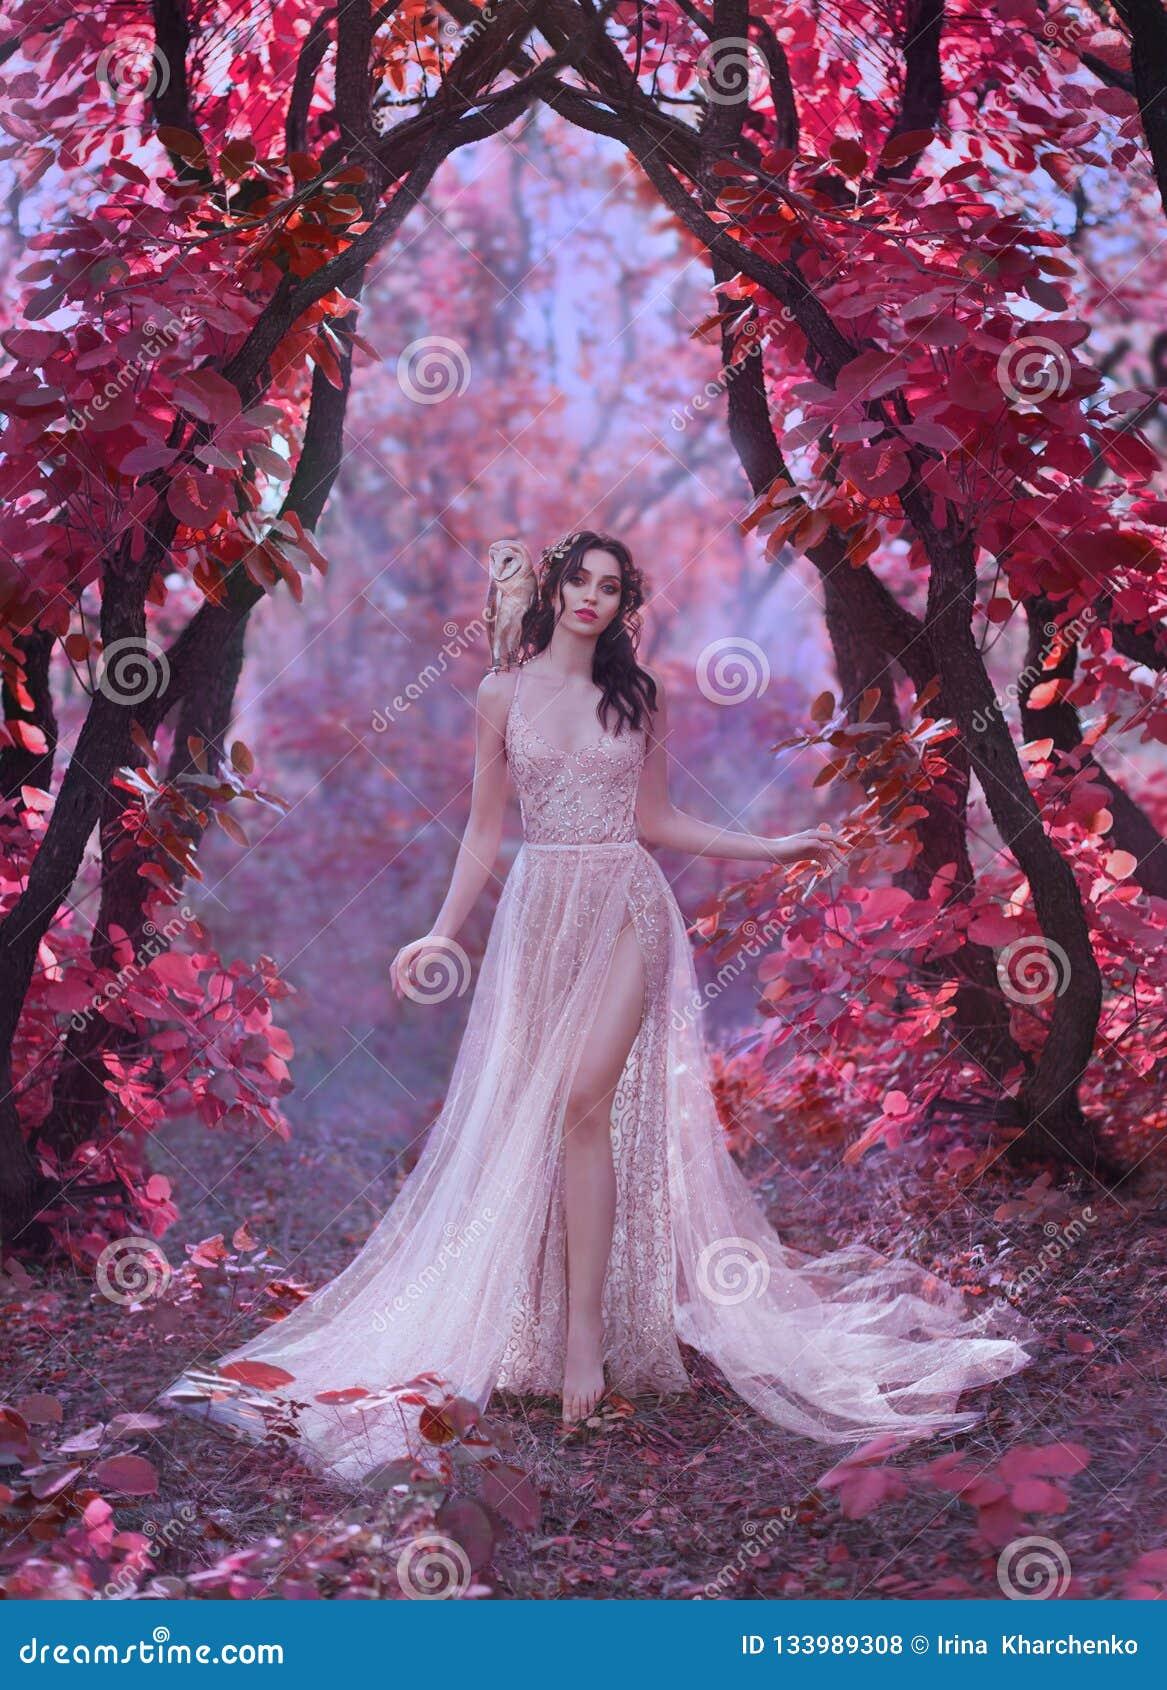 Tajemnicza atrakcyjna dama w długiej lekkiej luksus sukni w magicznym różowym lesie, brama baśniowy świat, śliczny